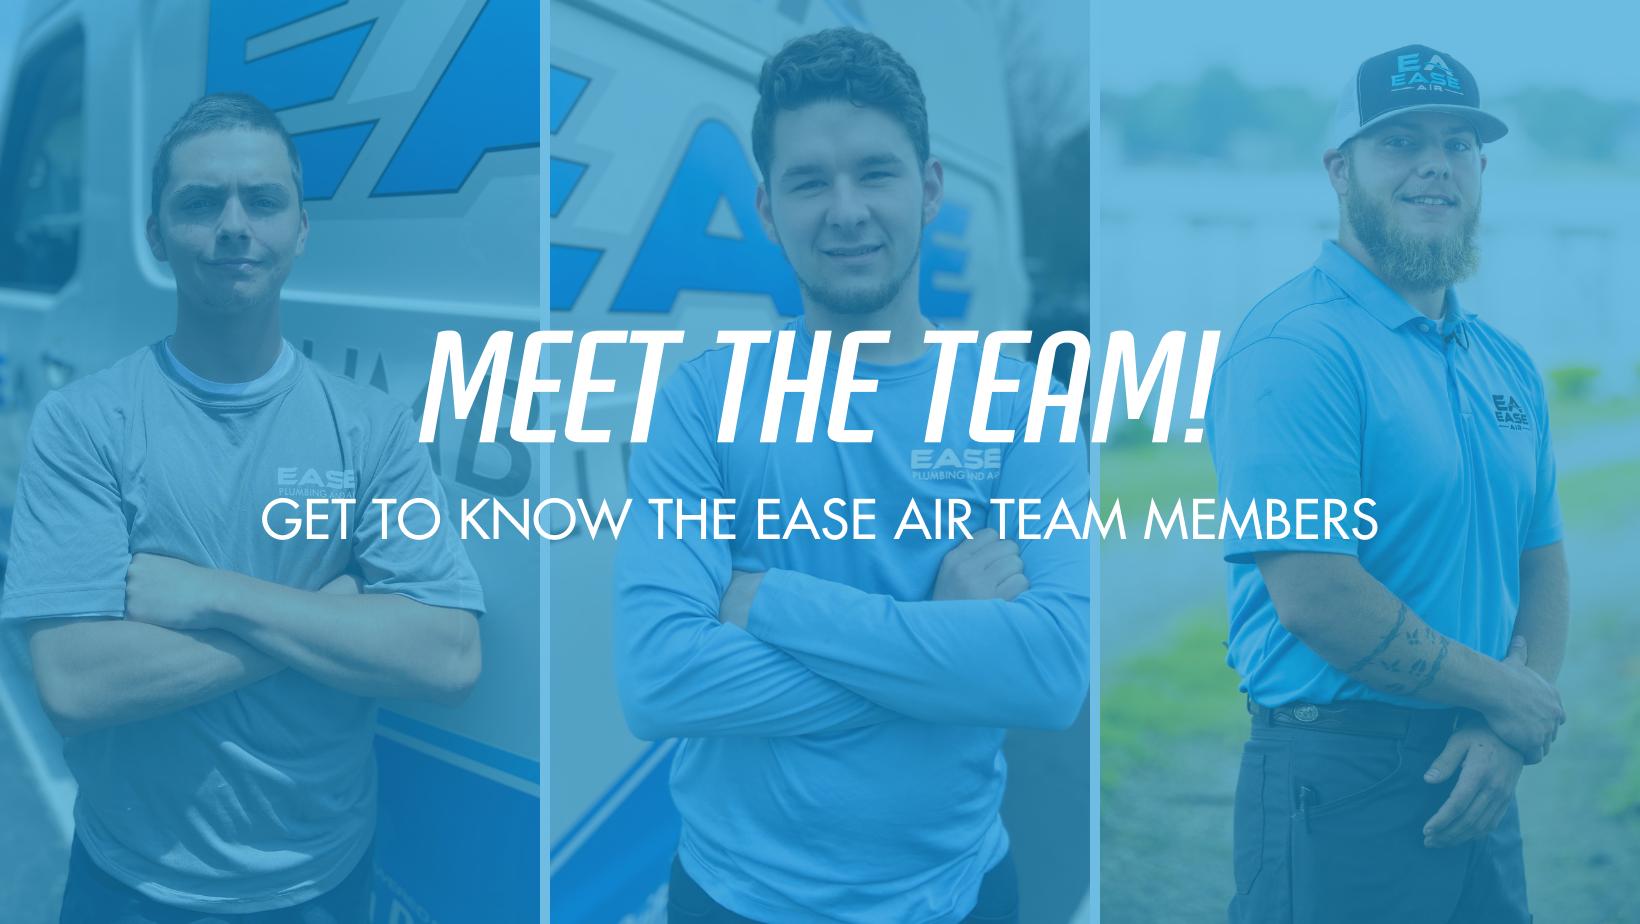 Meet the Ease Air Team